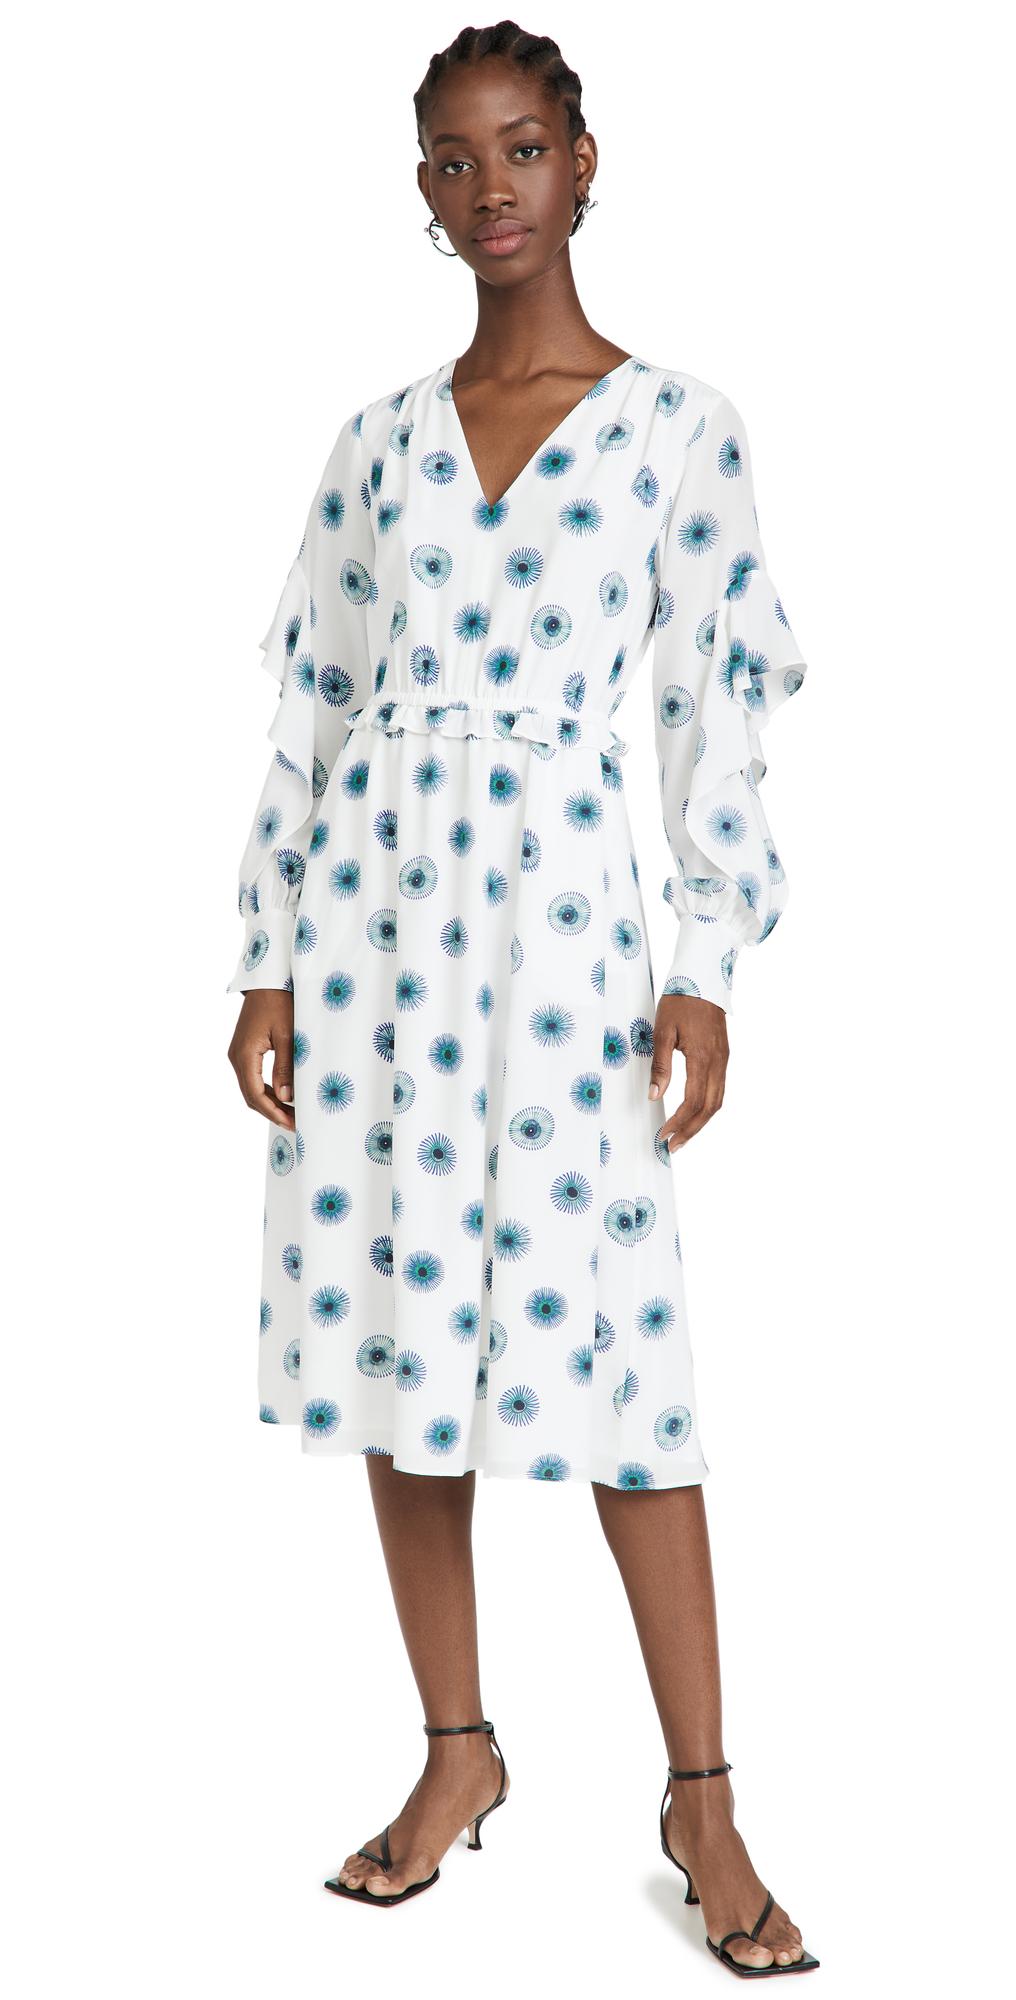 Jason Wu V Neck Dress with Flutter Sleeves